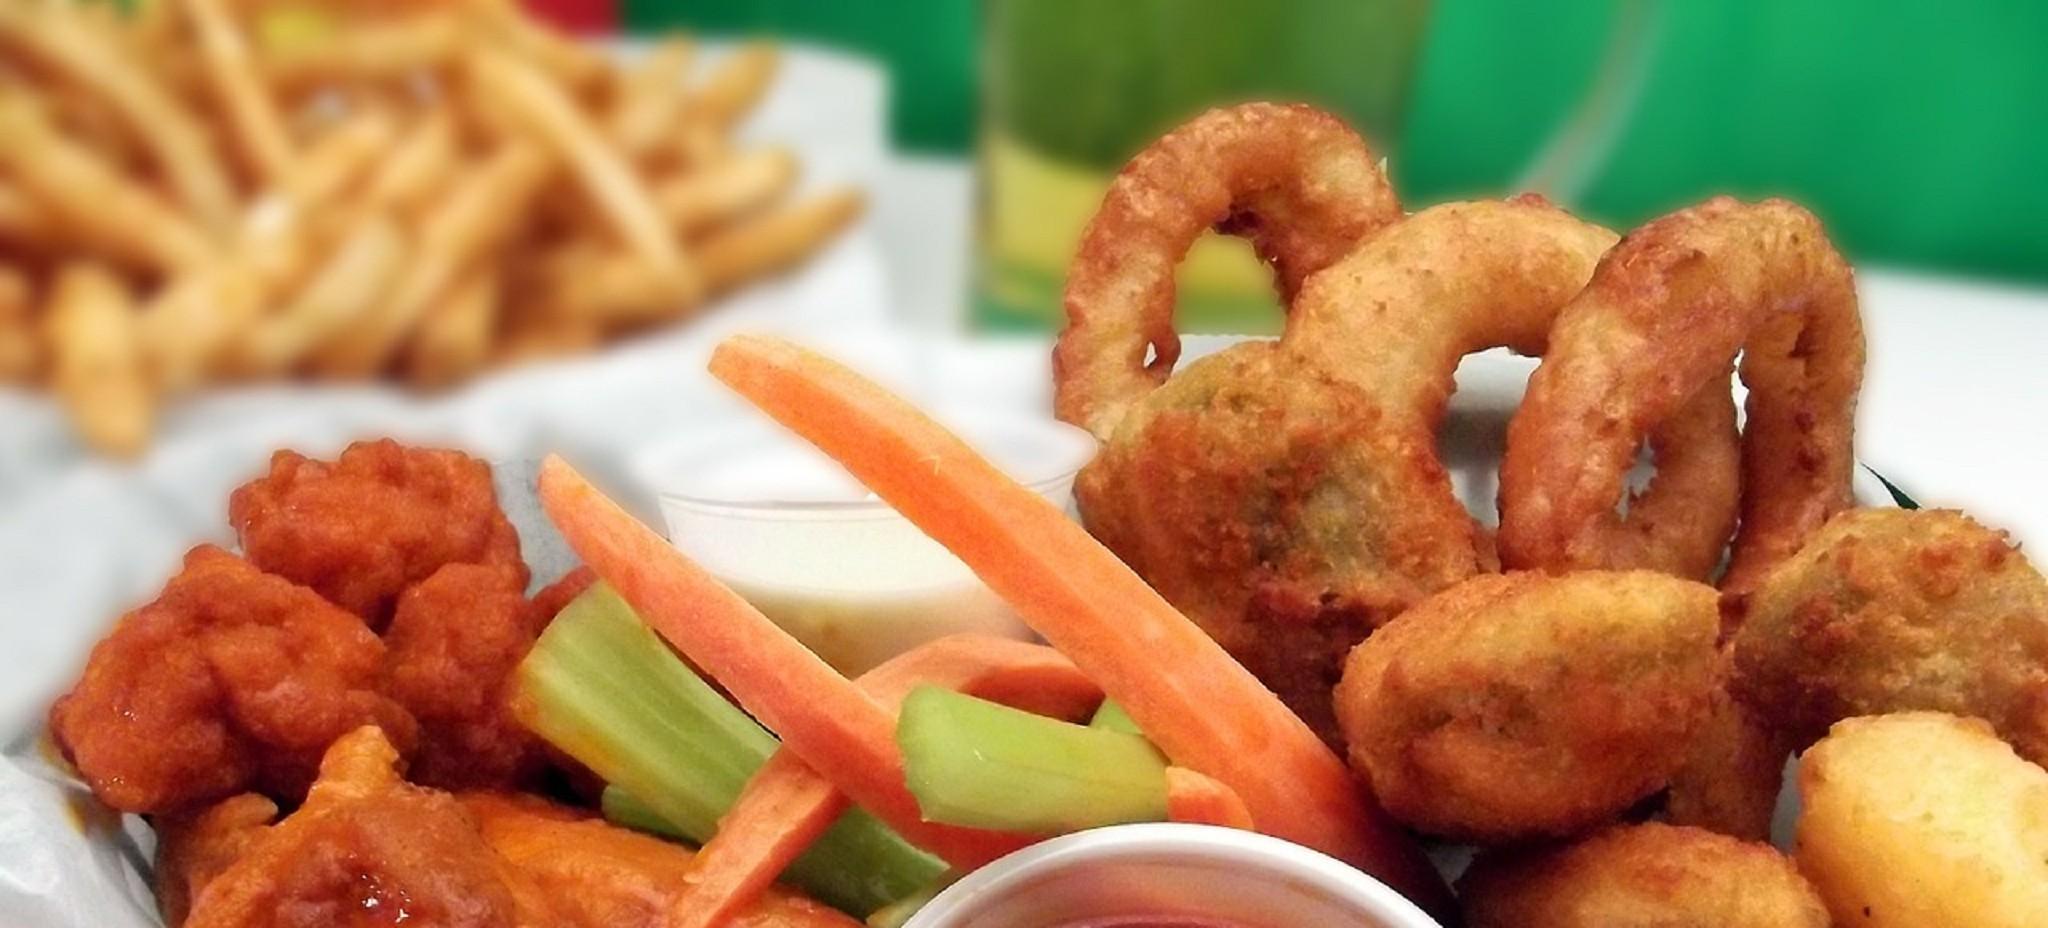 歐美速食業在中國逐漸踢到鐵板,外賣App如何讓餐飲龍頭慌了手腳